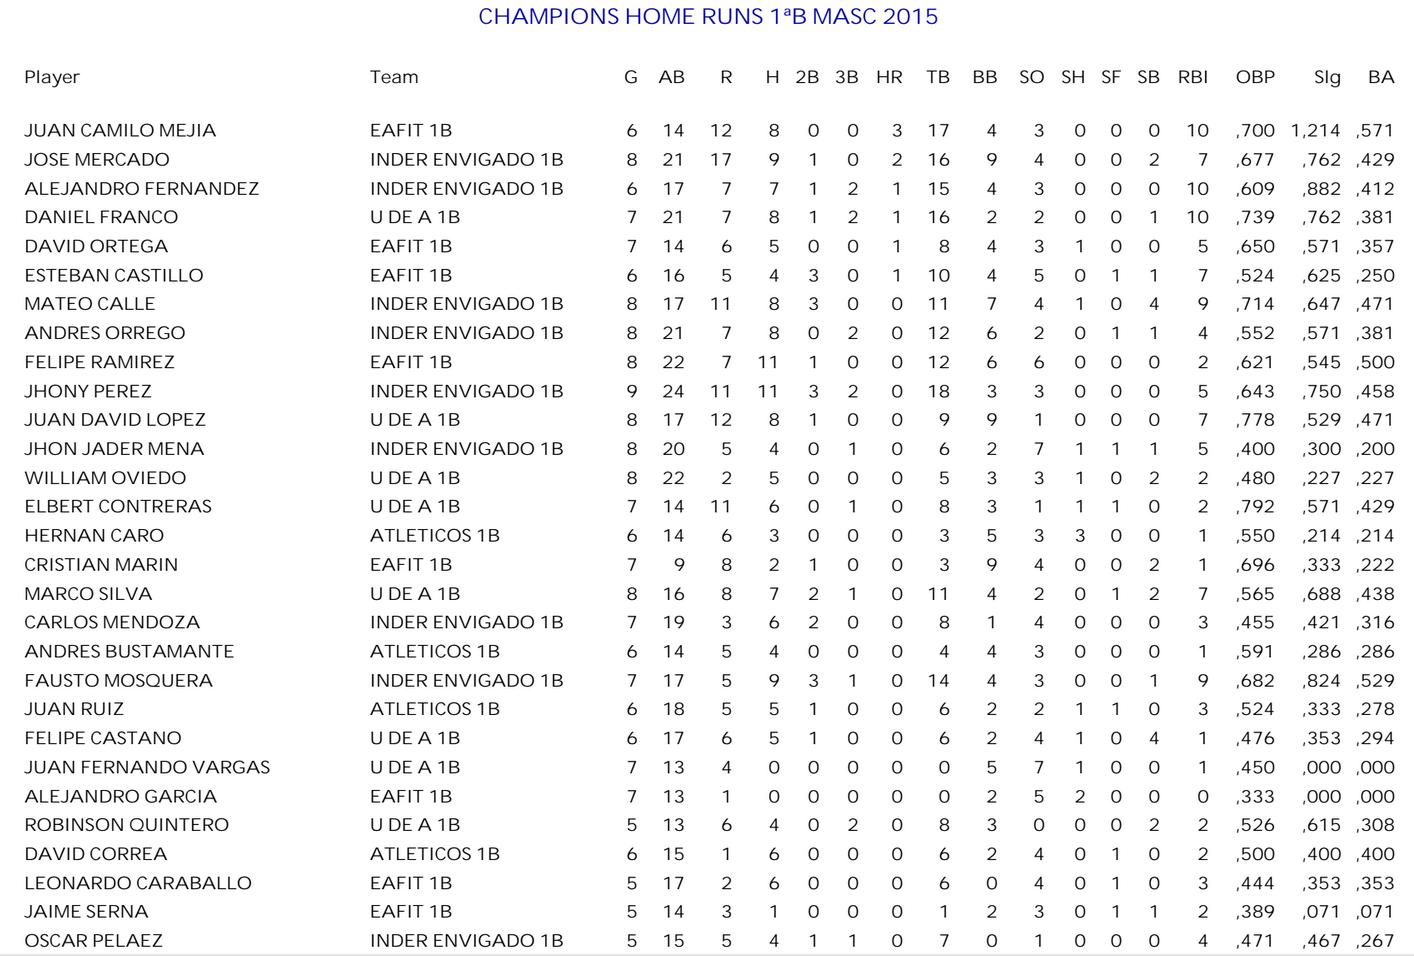 mas-homeruns-primera-b-masculina-campeones-2105